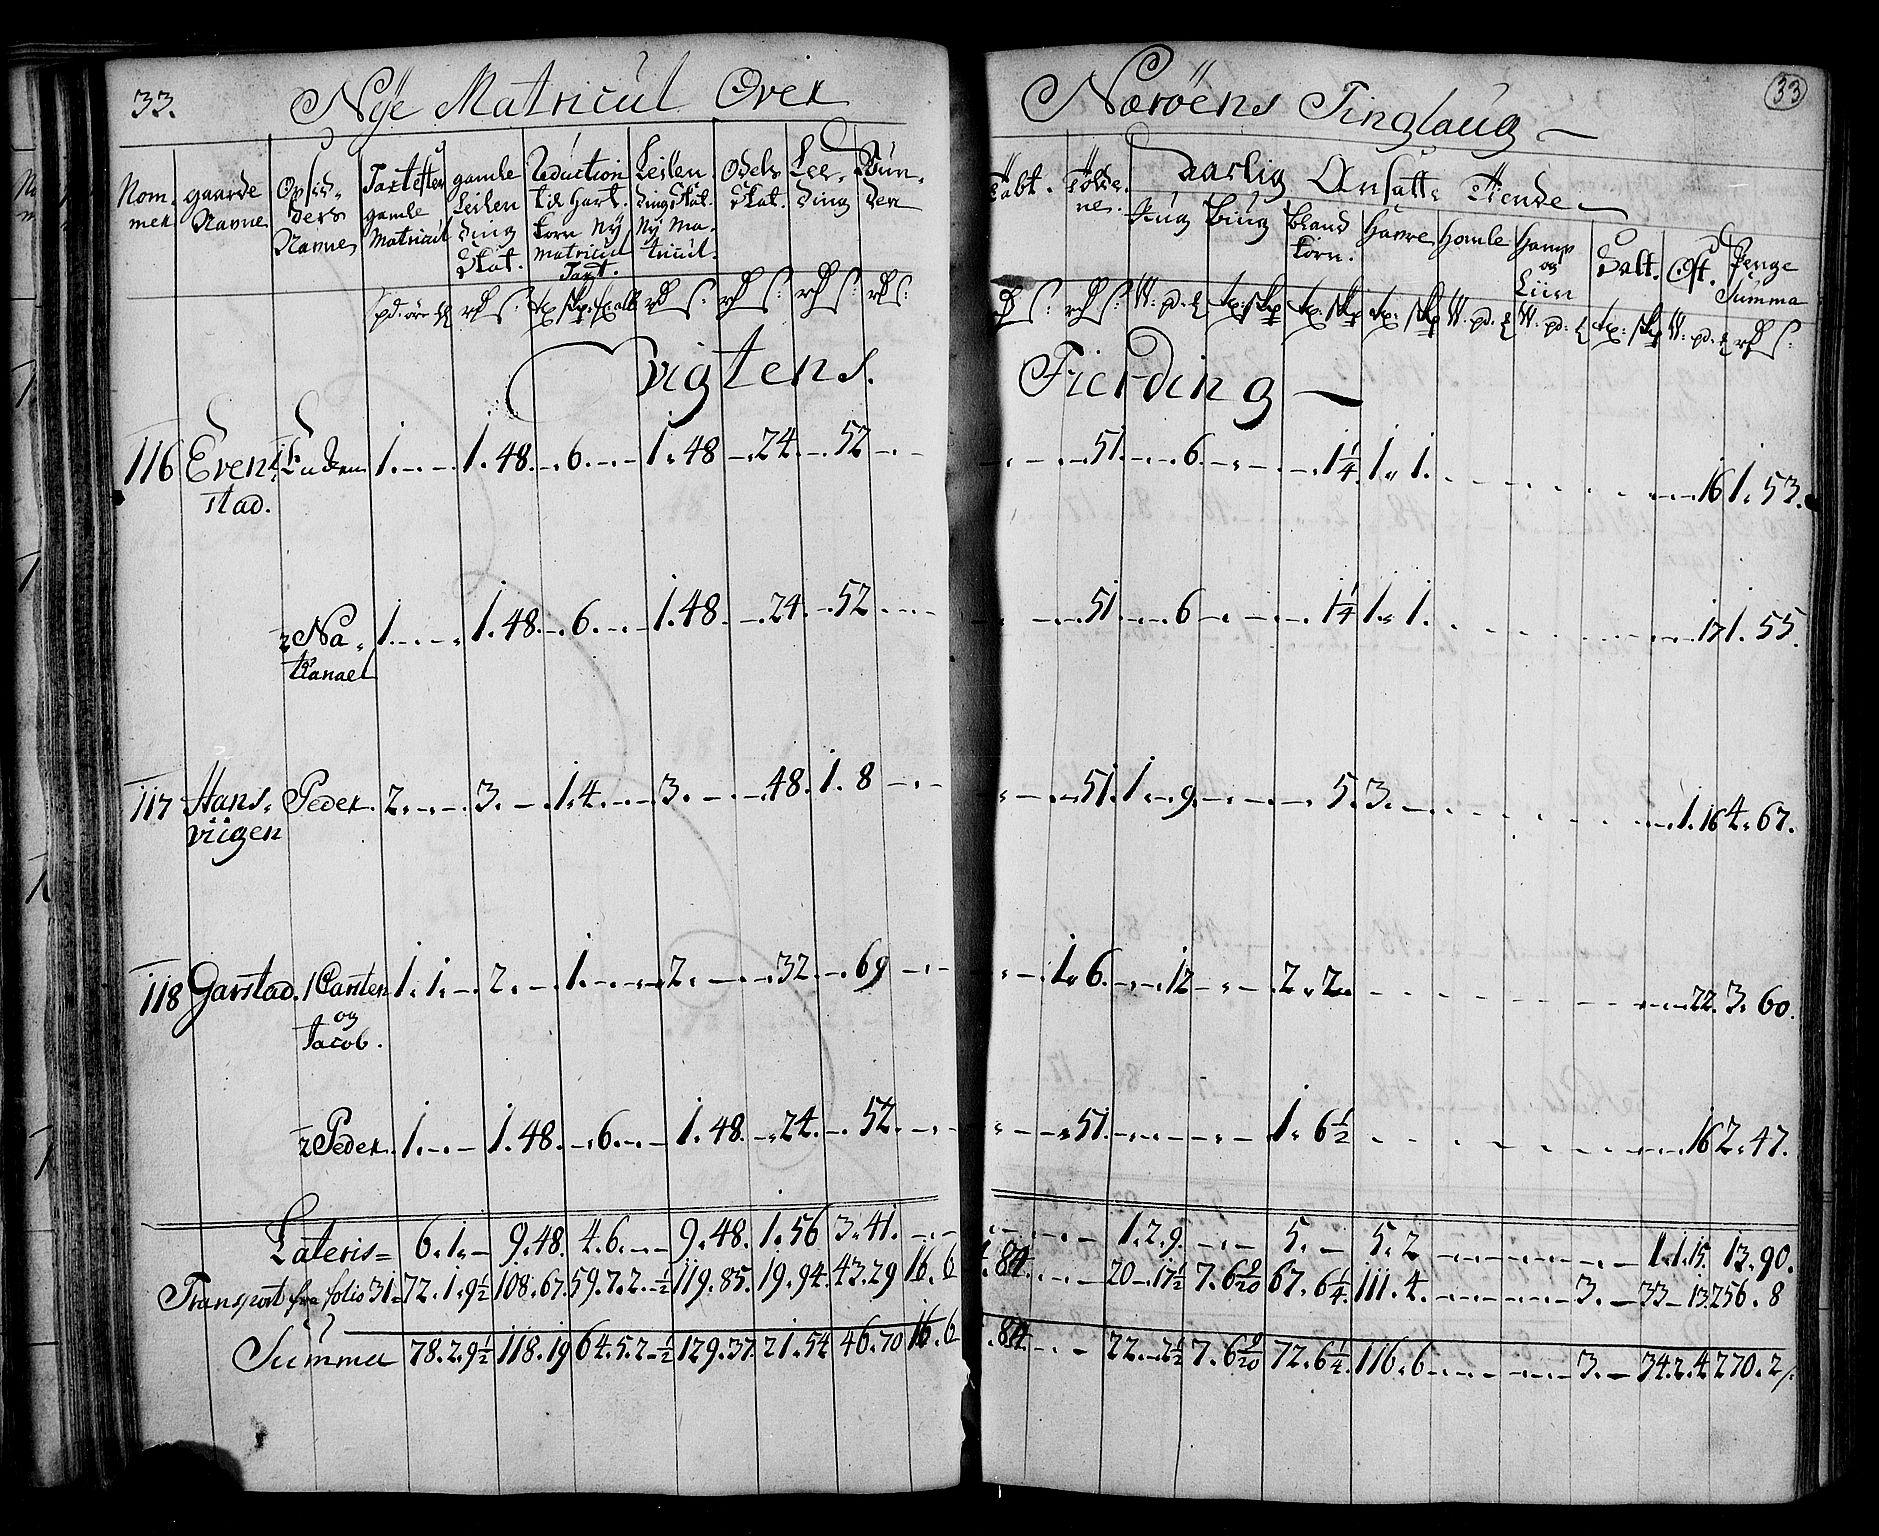 RA, Rentekammeret inntil 1814, Realistisk ordnet avdeling, N/Nb/Nbf/L0169: Namdalen matrikkelprotokoll, 1723, s. 32b-33a